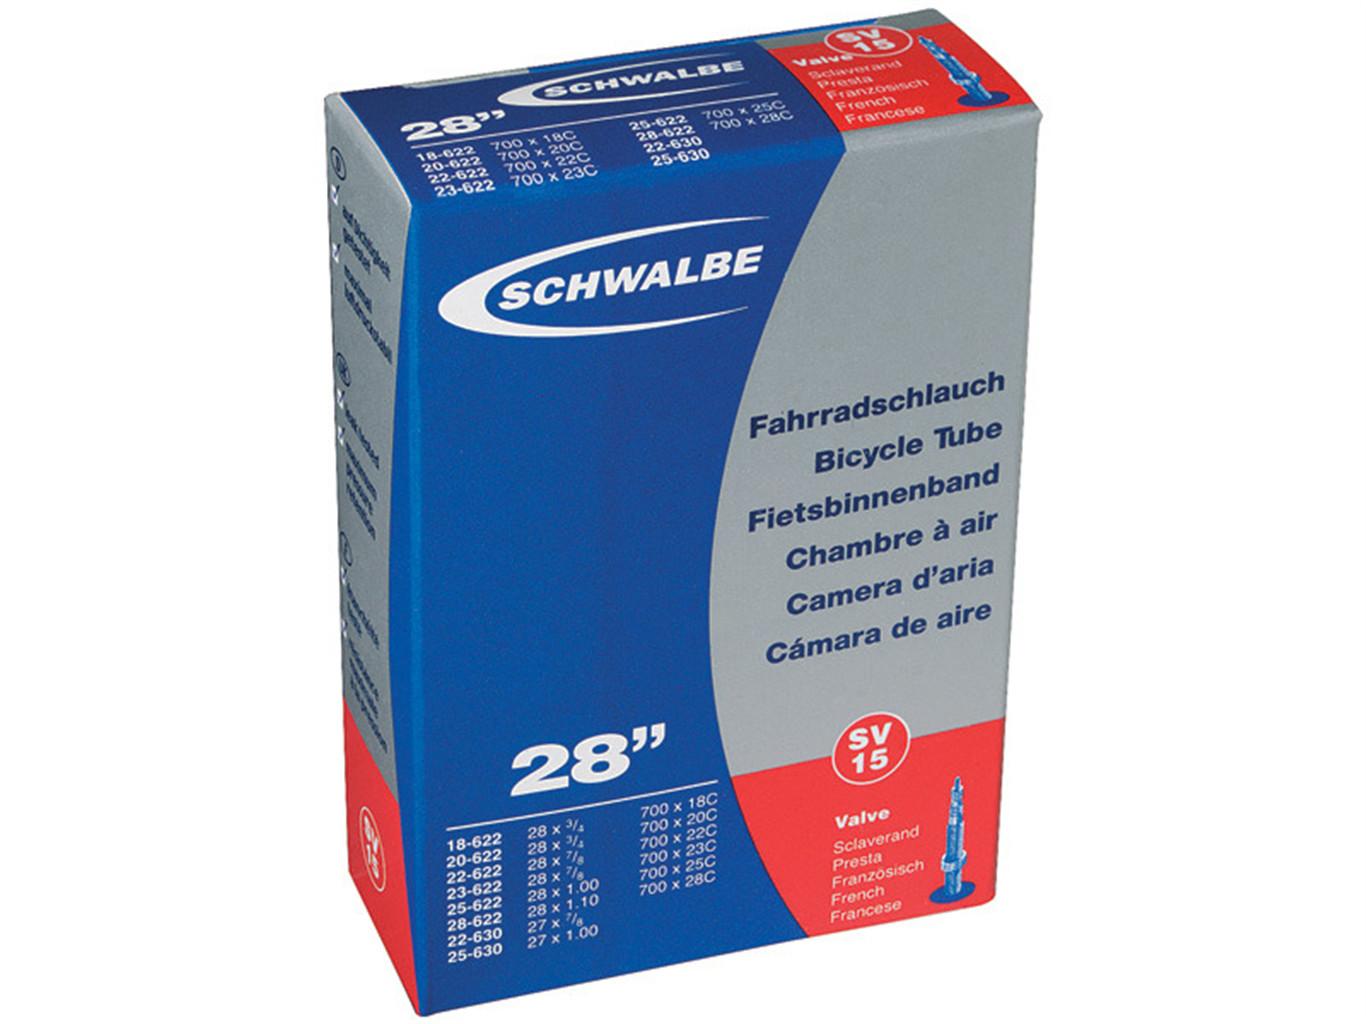 Accent SCHWALBE Standard 28 cali / Długość wentyla: 40 mm / Rozmiar koła: 28